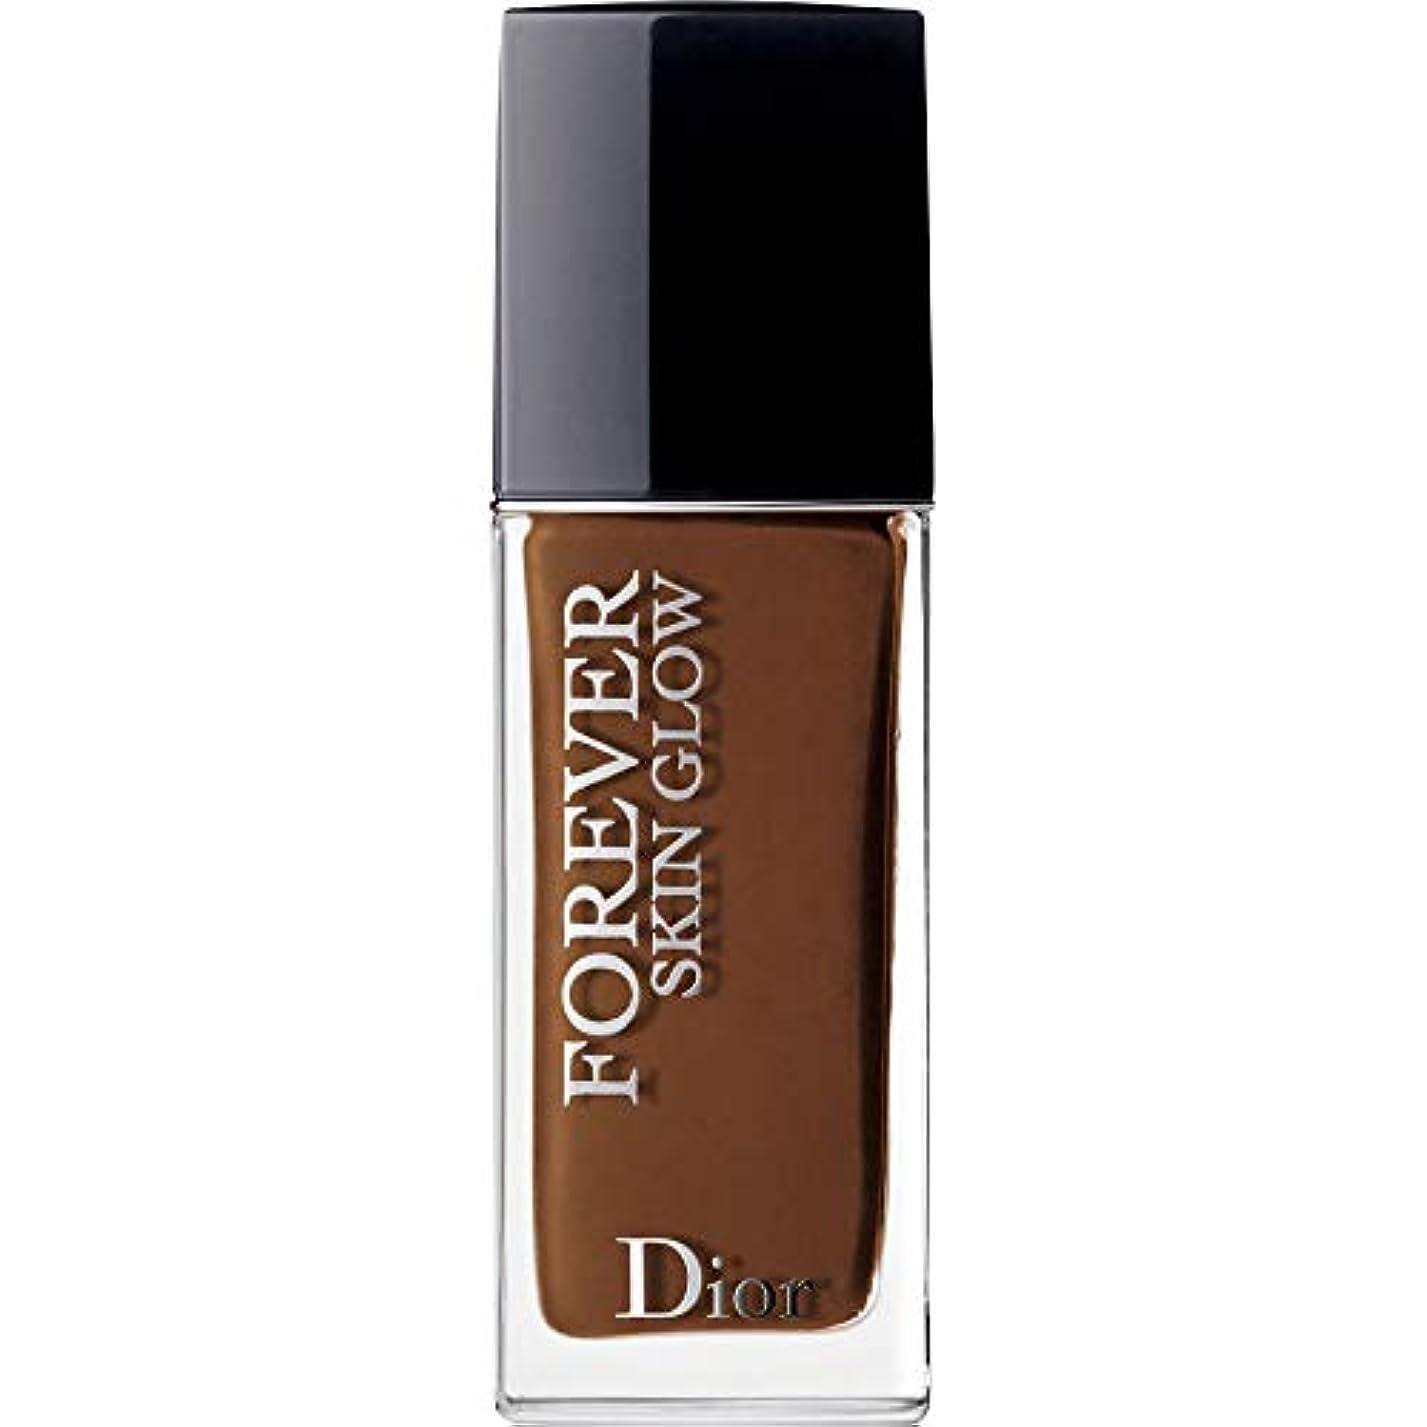 コジオスコほこりっぽい掃除[Dior ] ディオール永遠に皮膚グロー皮膚思いやりの基礎Spf35 30ミリリットルの9N - ニュートラル(肌の輝き) - DIOR Forever Skin Glow Skin-Caring Foundation...